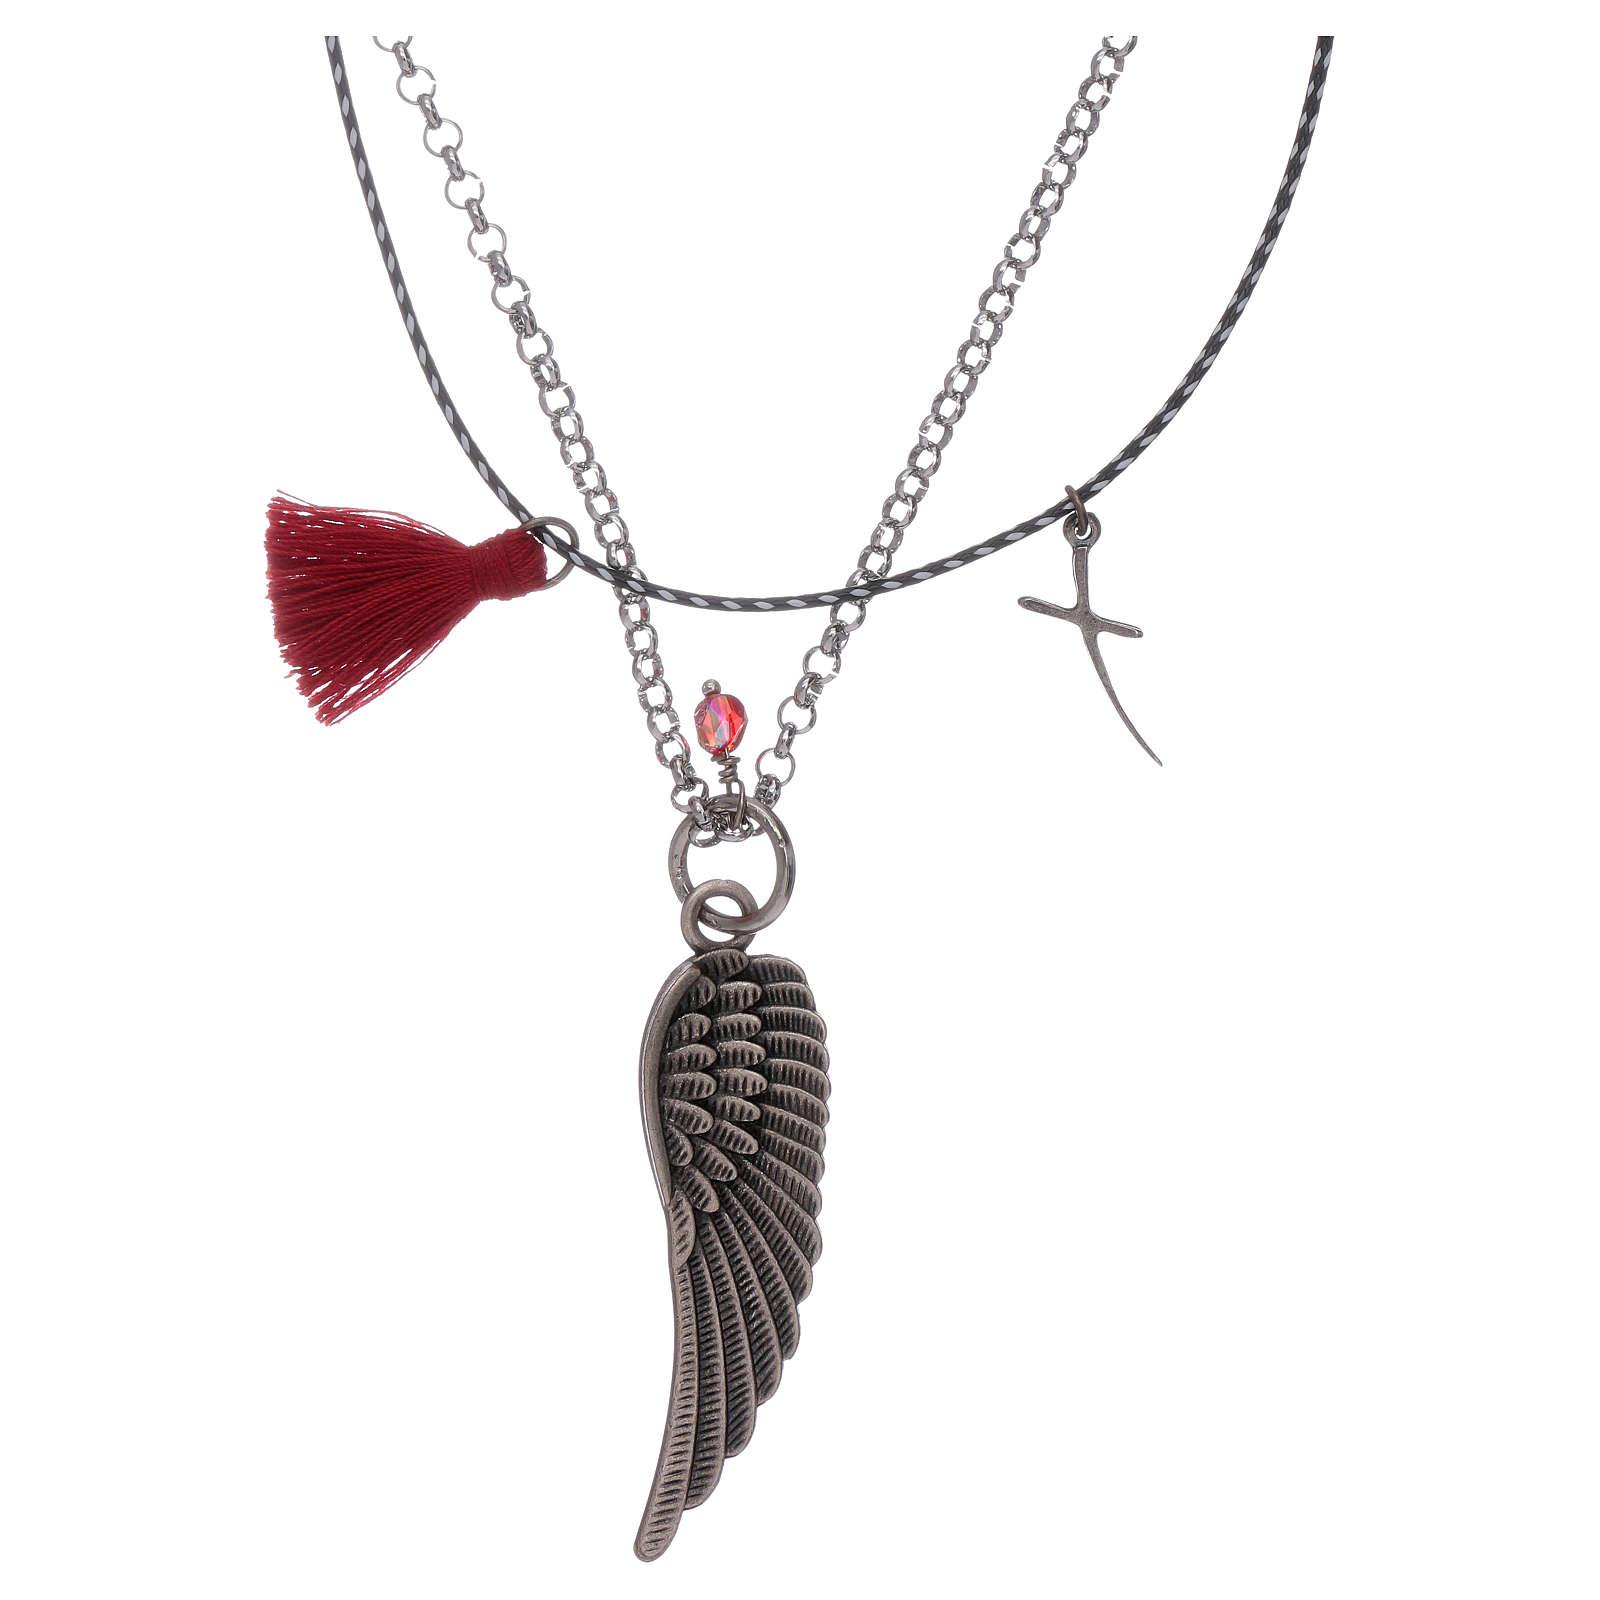 Collana Ala di angelo catena e corda rosso 4